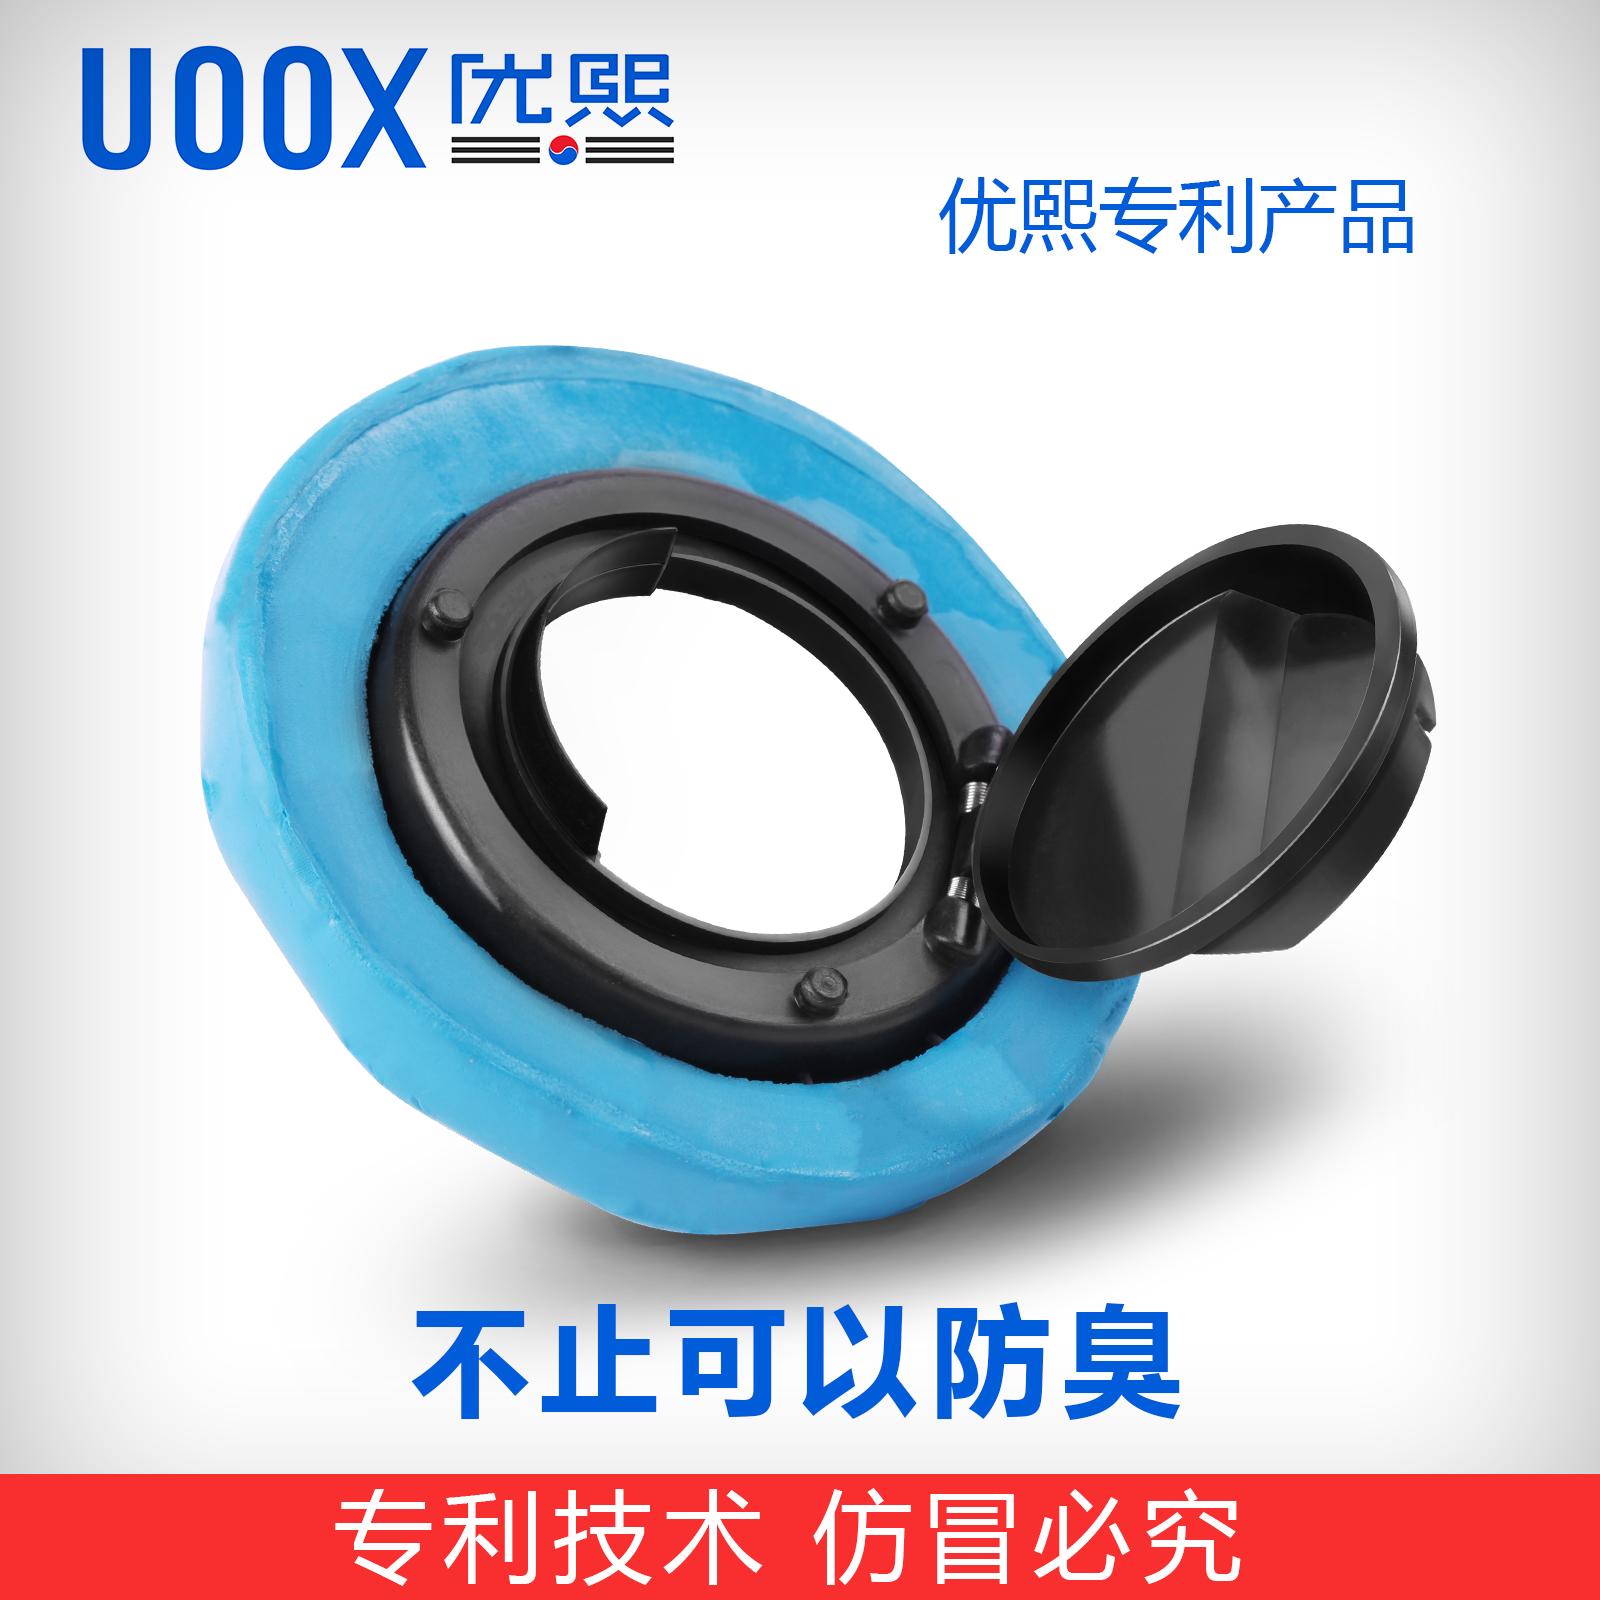 优熙马桶密封圈通用法兰防臭加厚防逆反返漏溢底座坐便器下水配件